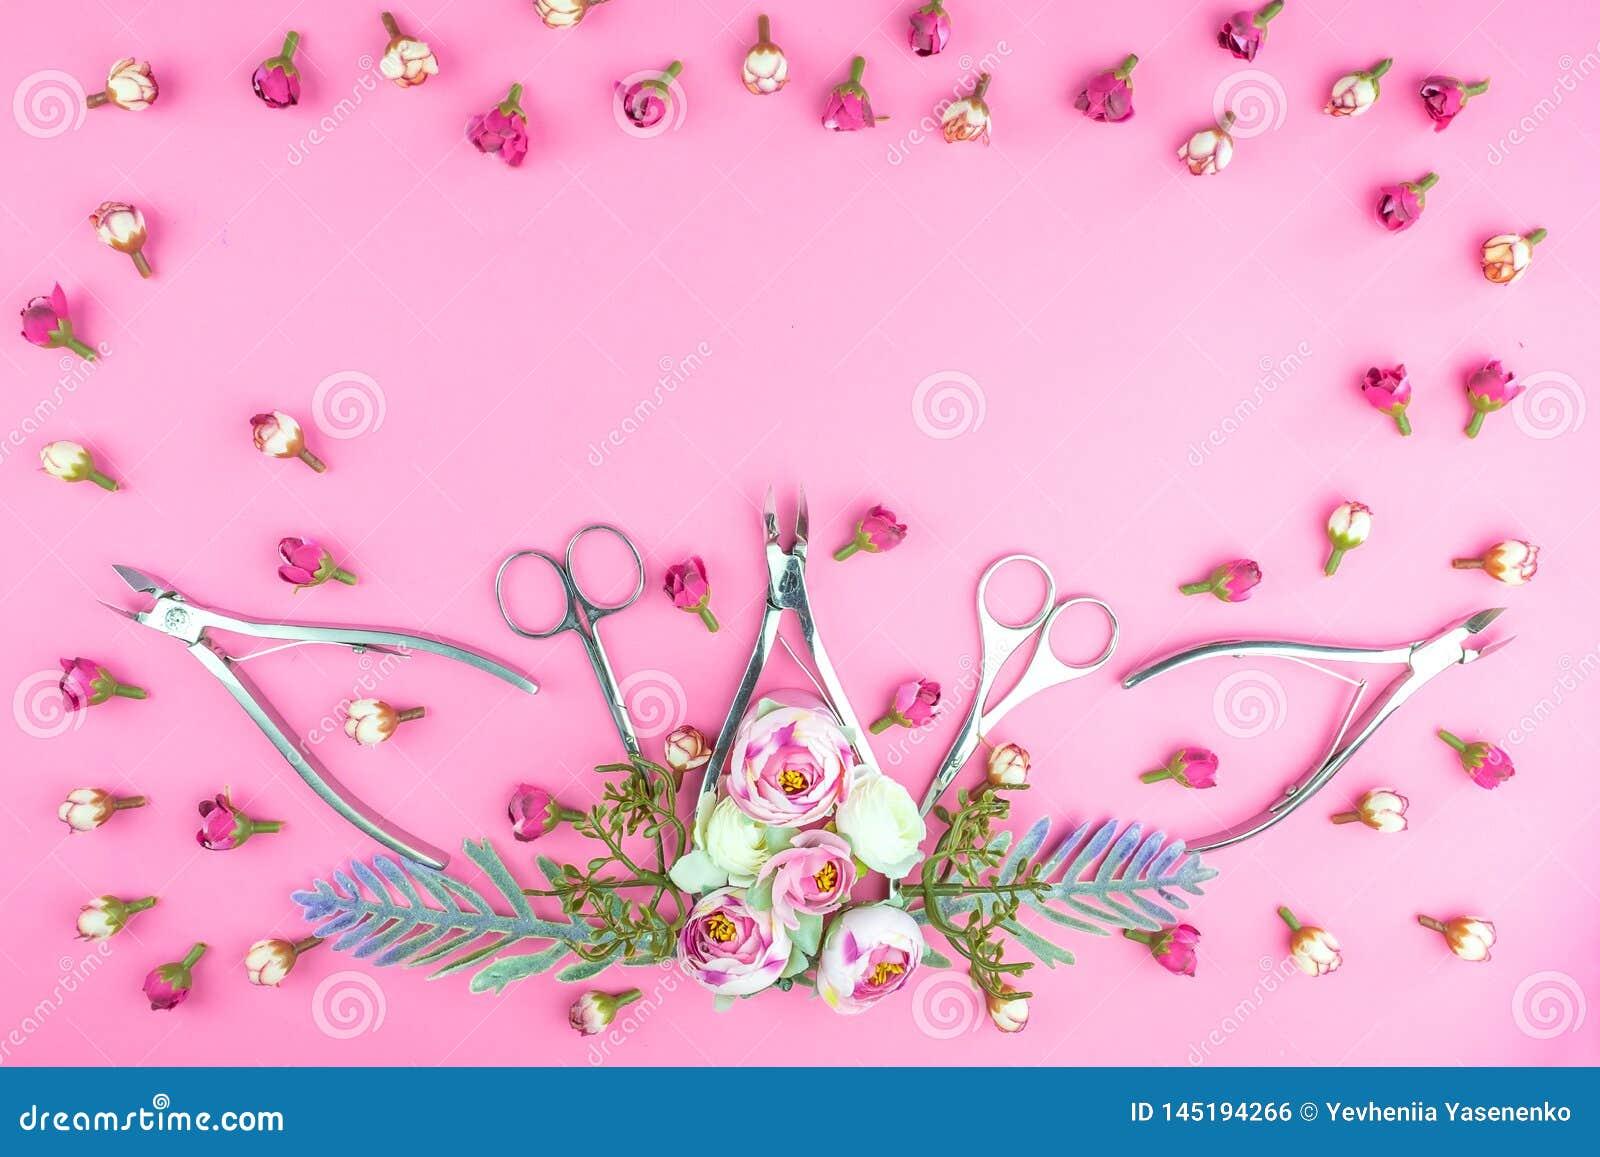 Manik?rewerkzeuge auf einem rosa Hintergrund verziert mit Blumen